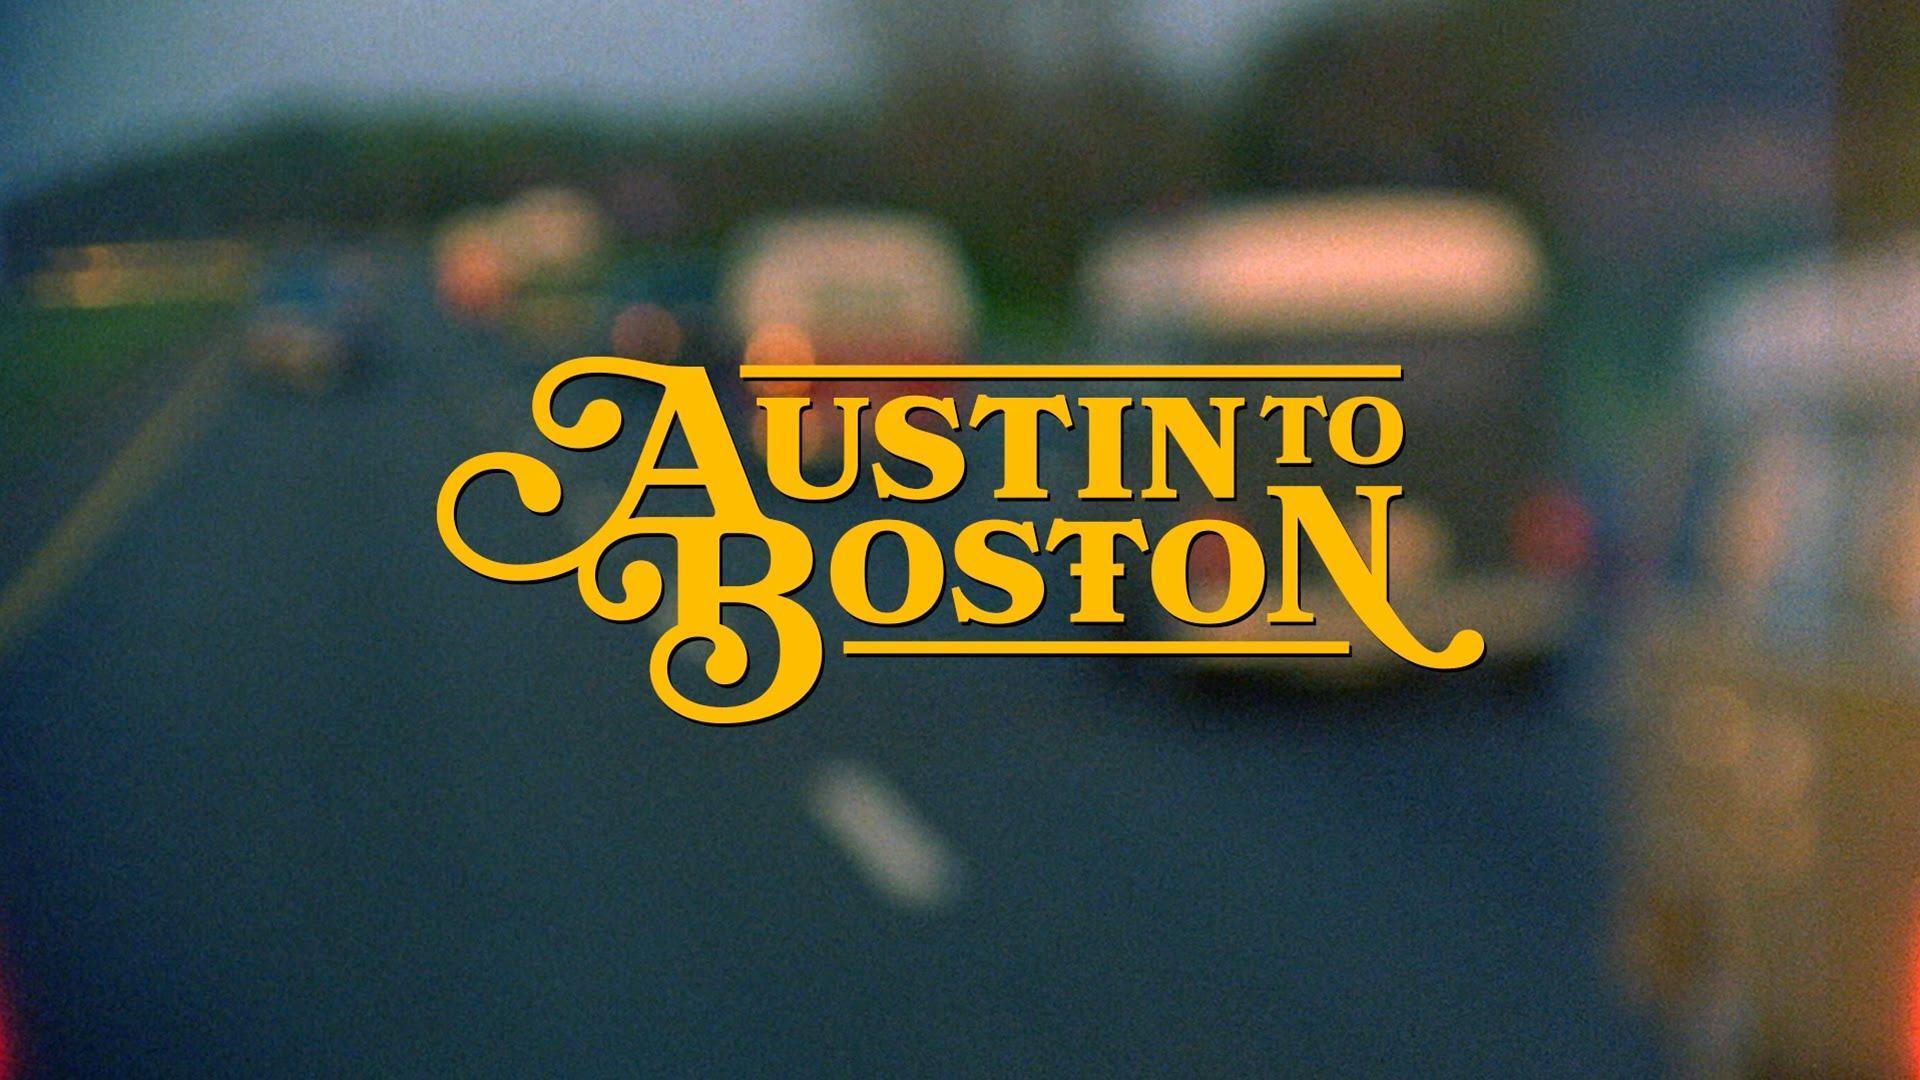 /Users/garrettshadwick/Desktop/Music documetaries/austin to boston.jpg